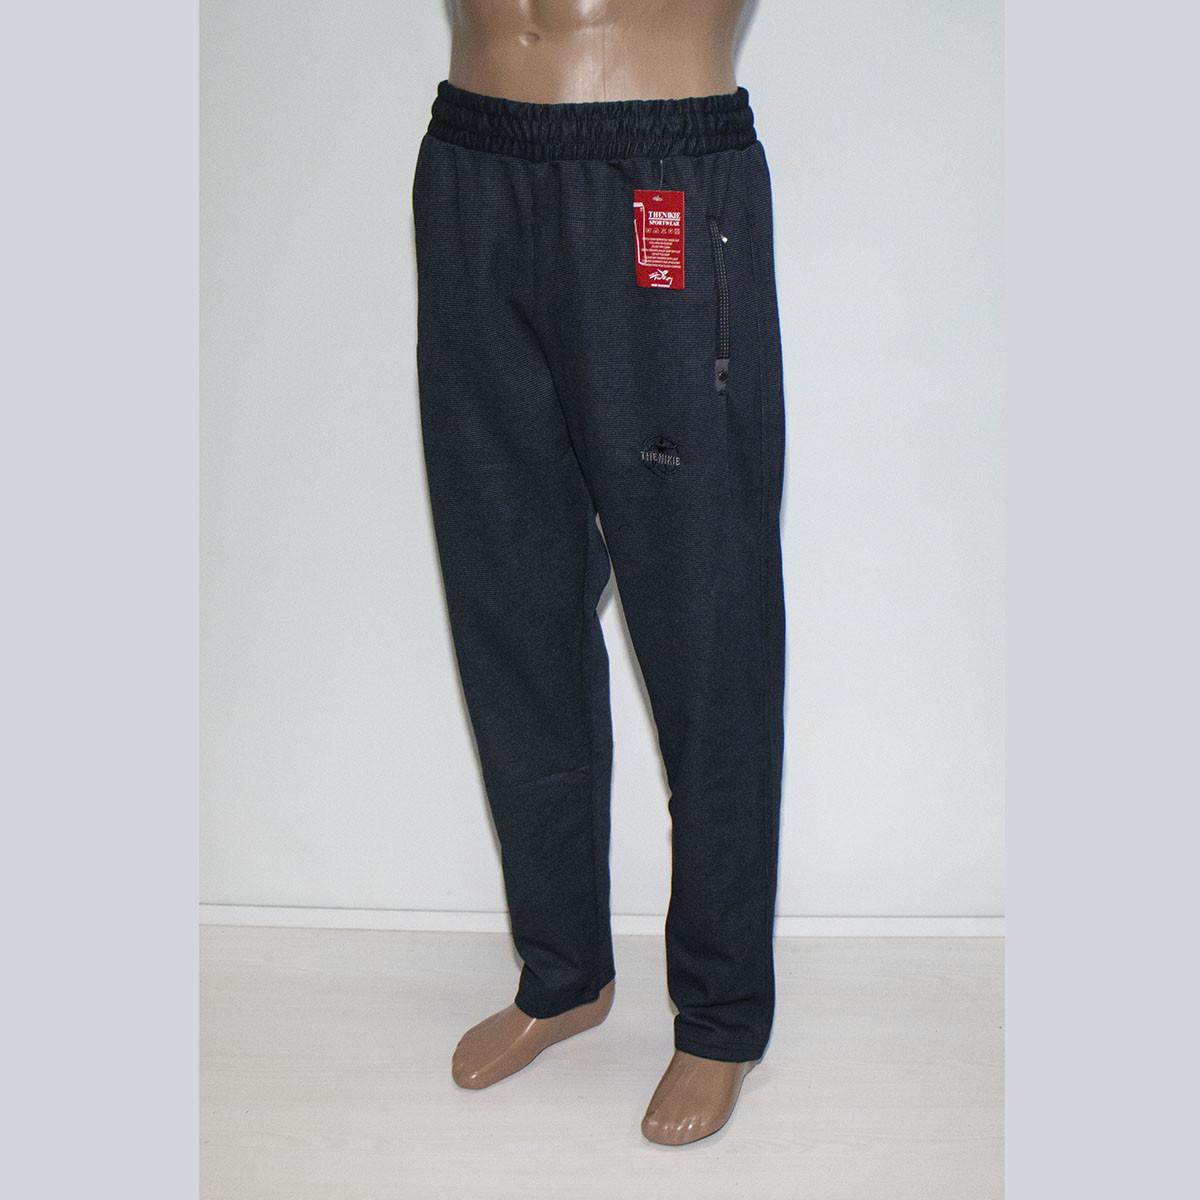 Мужские спортивные штаны лакоста фабрика Турция 3236